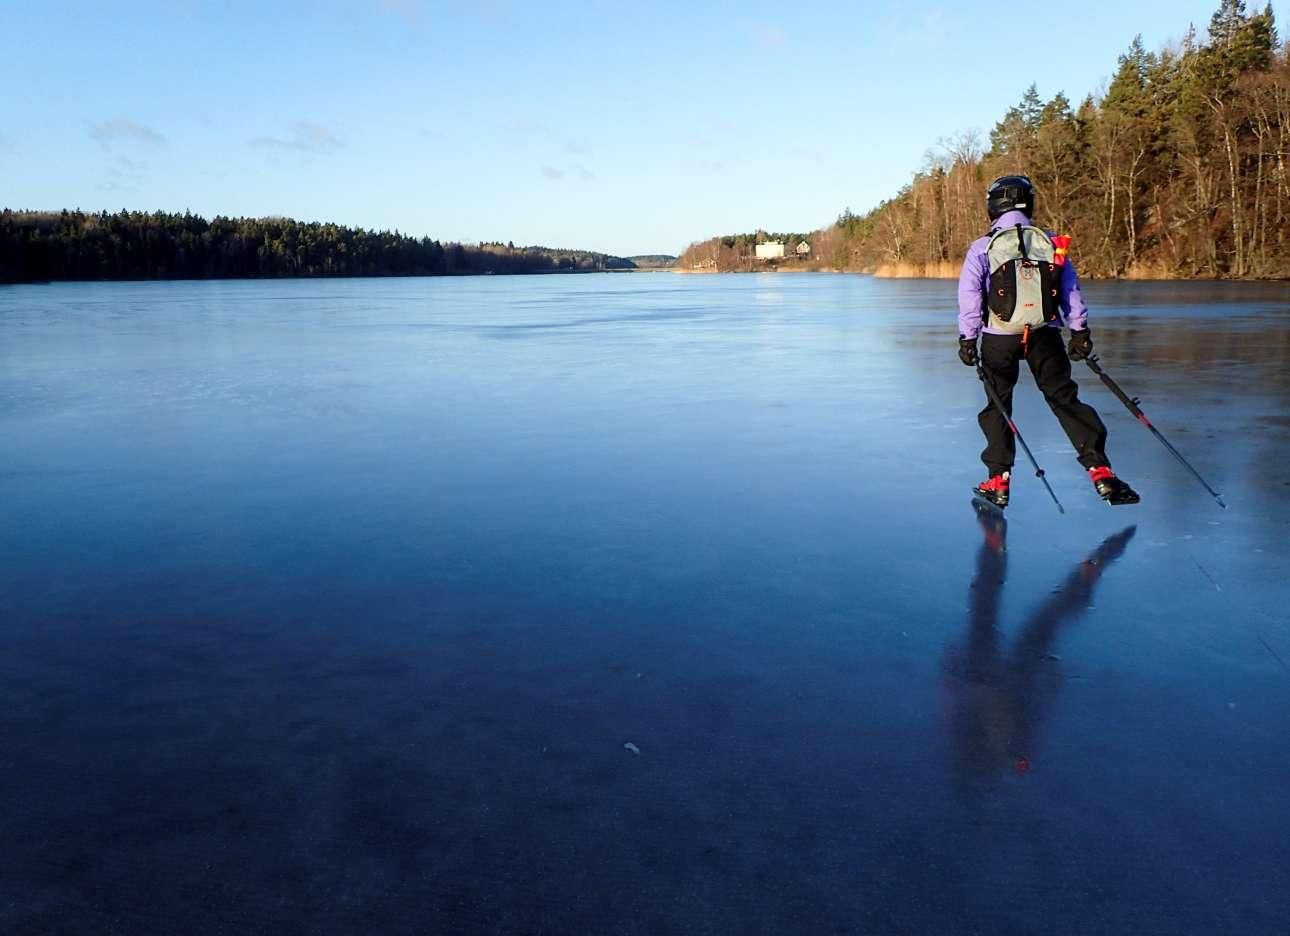 Πατινάζ πάνω στην παγωμένη λίμνη Ορλάνγκεν, νότια της Στοκχόλμης, στη Σουηδία